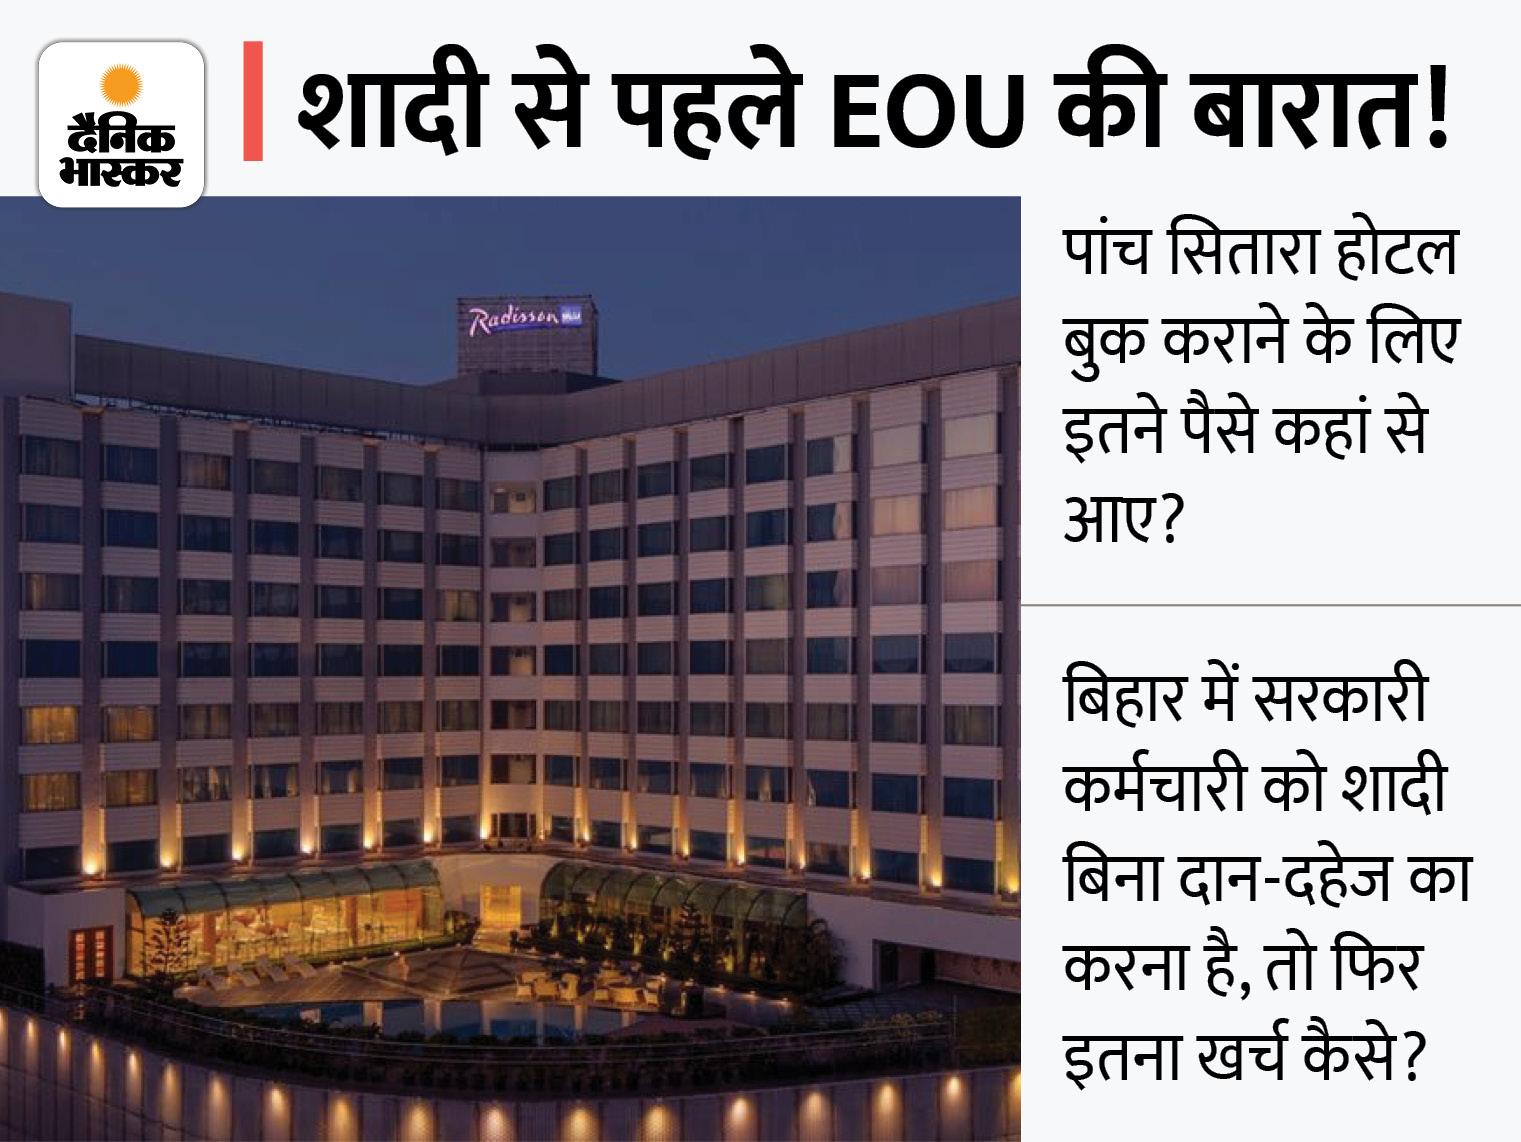 रांची में बुक कराया था 5-स्टार होटल, आय पर EOU की नजर, T-20 मैच के लिए मुश्किल से वेन्यू बदलने को हुए थे तैयार|बिहार,Bihar - Dainik Bhaskar